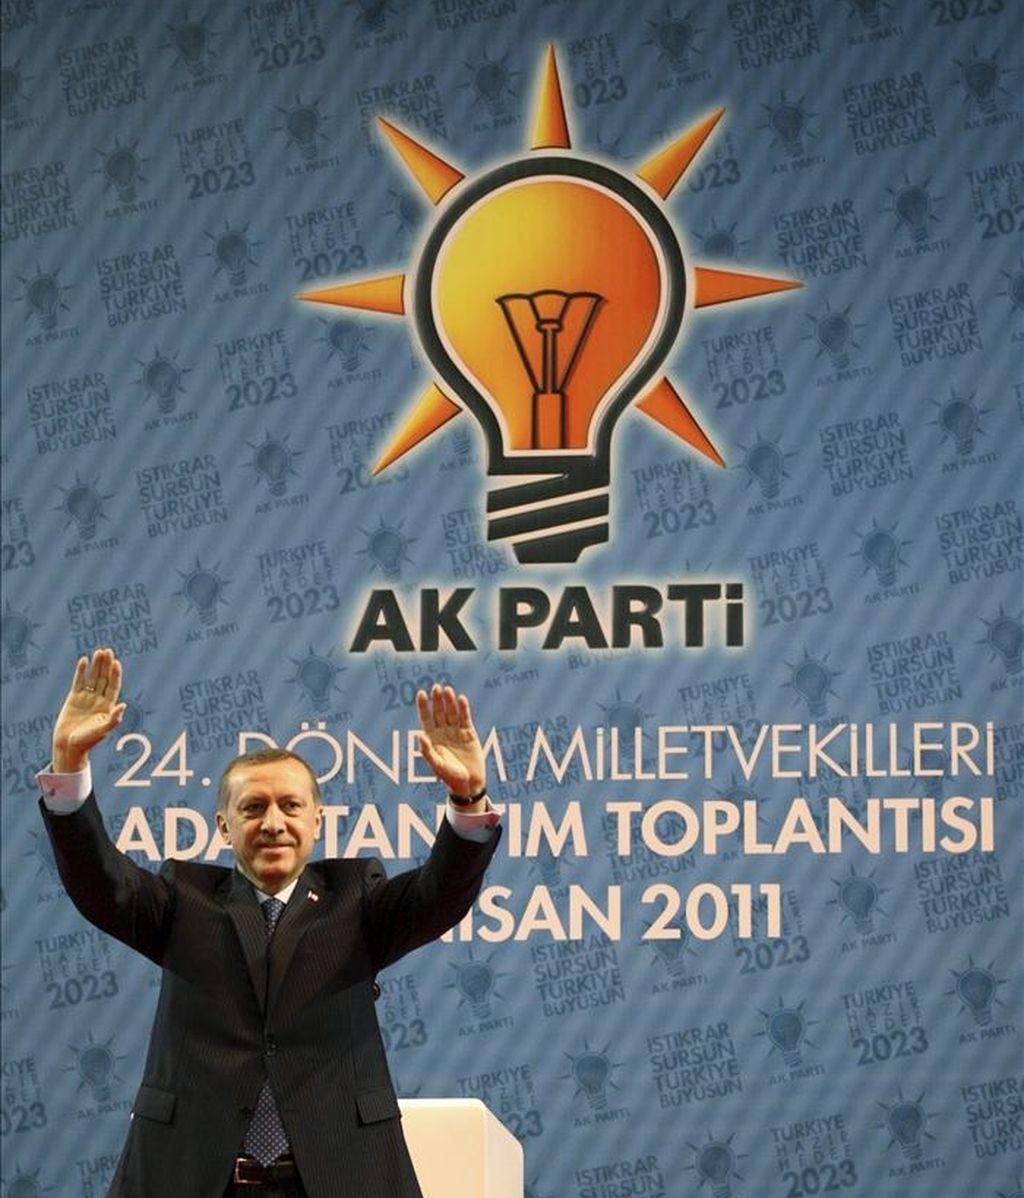 El primer ministro turco, Recep Tayyip Ersogan saluda a sus partidarios en la presentación de los candidatos del conservador Partido de la Justicia y el Desarrollo (AKP) para las elecciones posan para los medios de comunicación en Ankara (Turquía). EFE